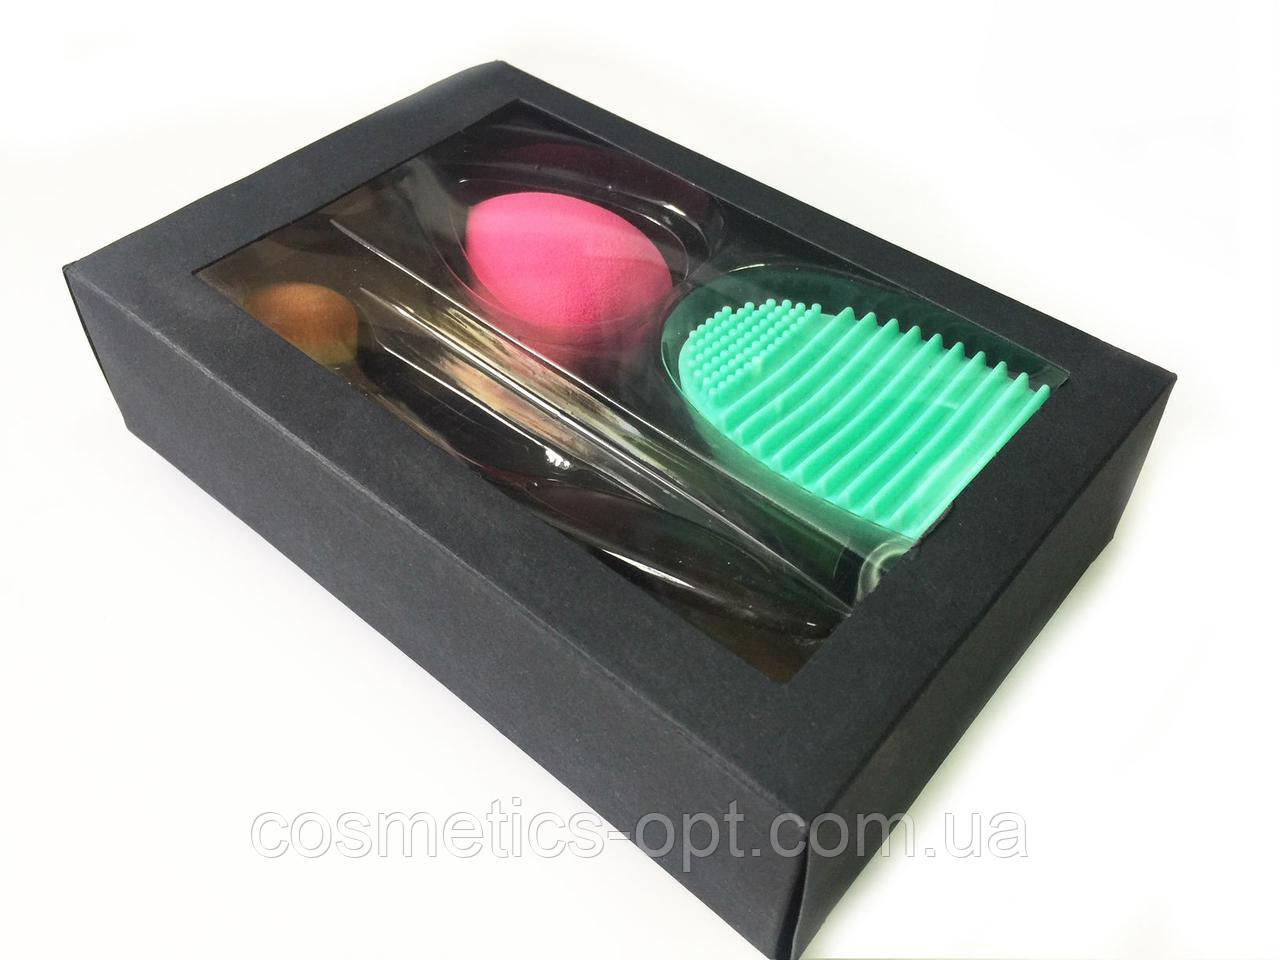 Набор для макияжа: щетка-кисть+спонж+очиститель для кисточек